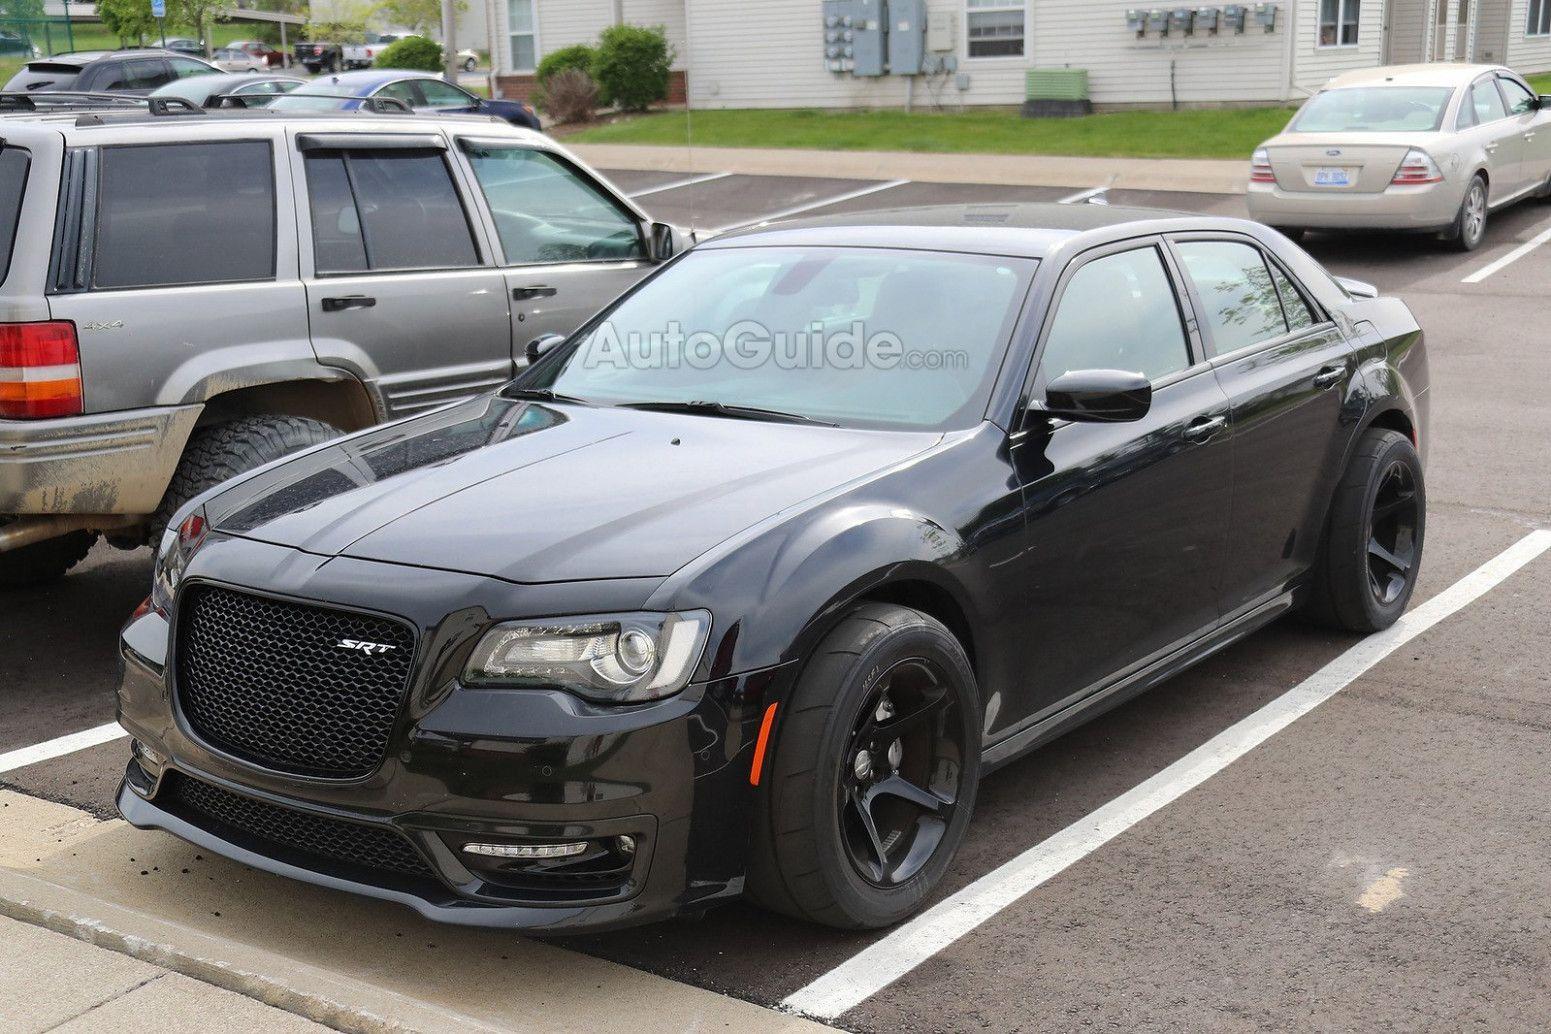 2021 Chrysler 300 Srt8 Spesification